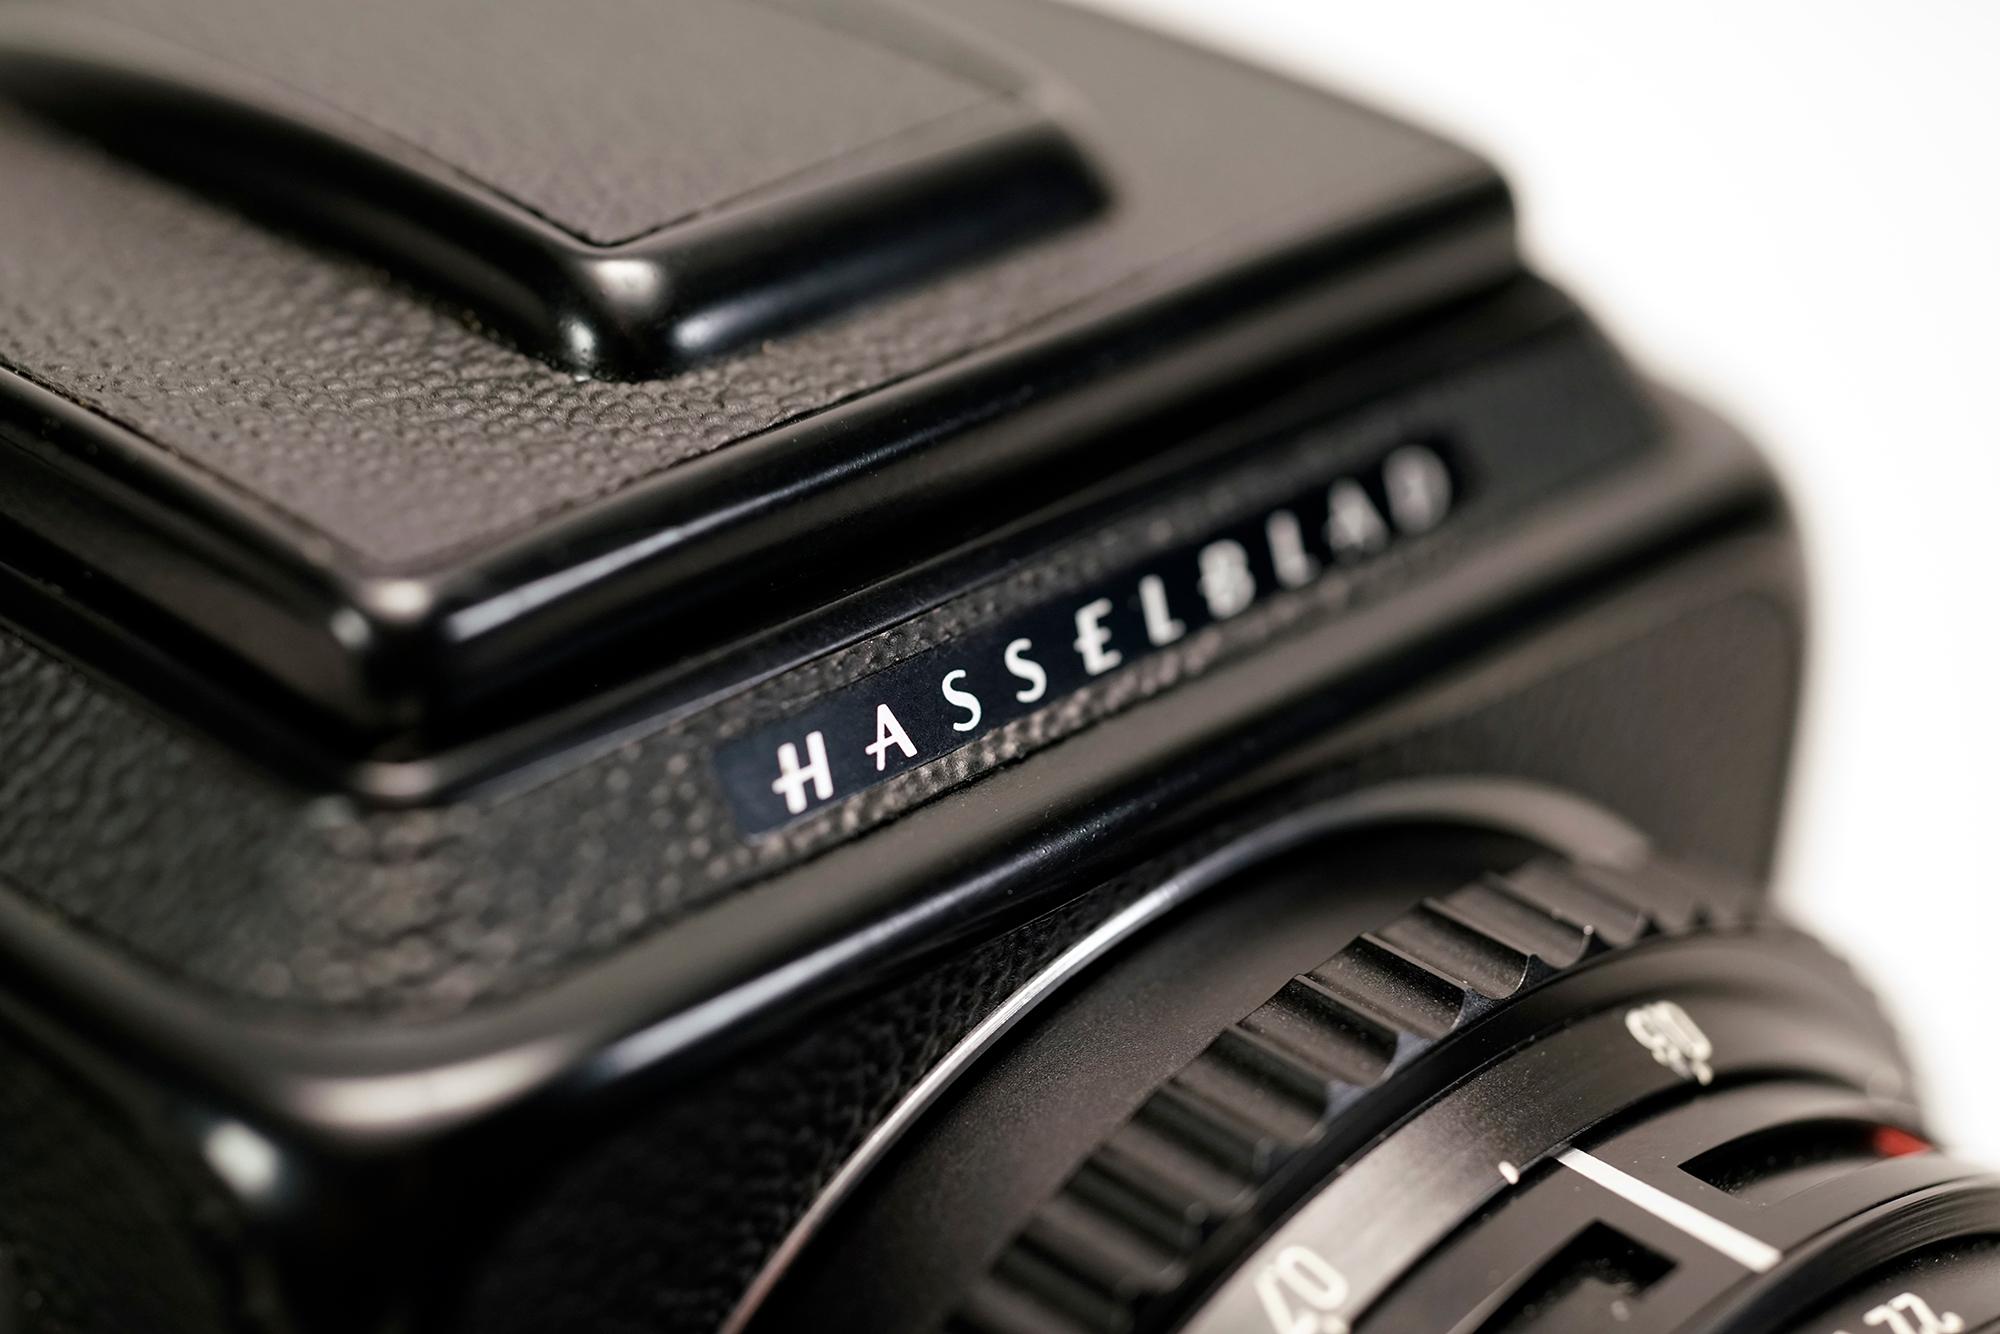 Classic Cameras: The Hasselblad 500C/M | B&H Explora